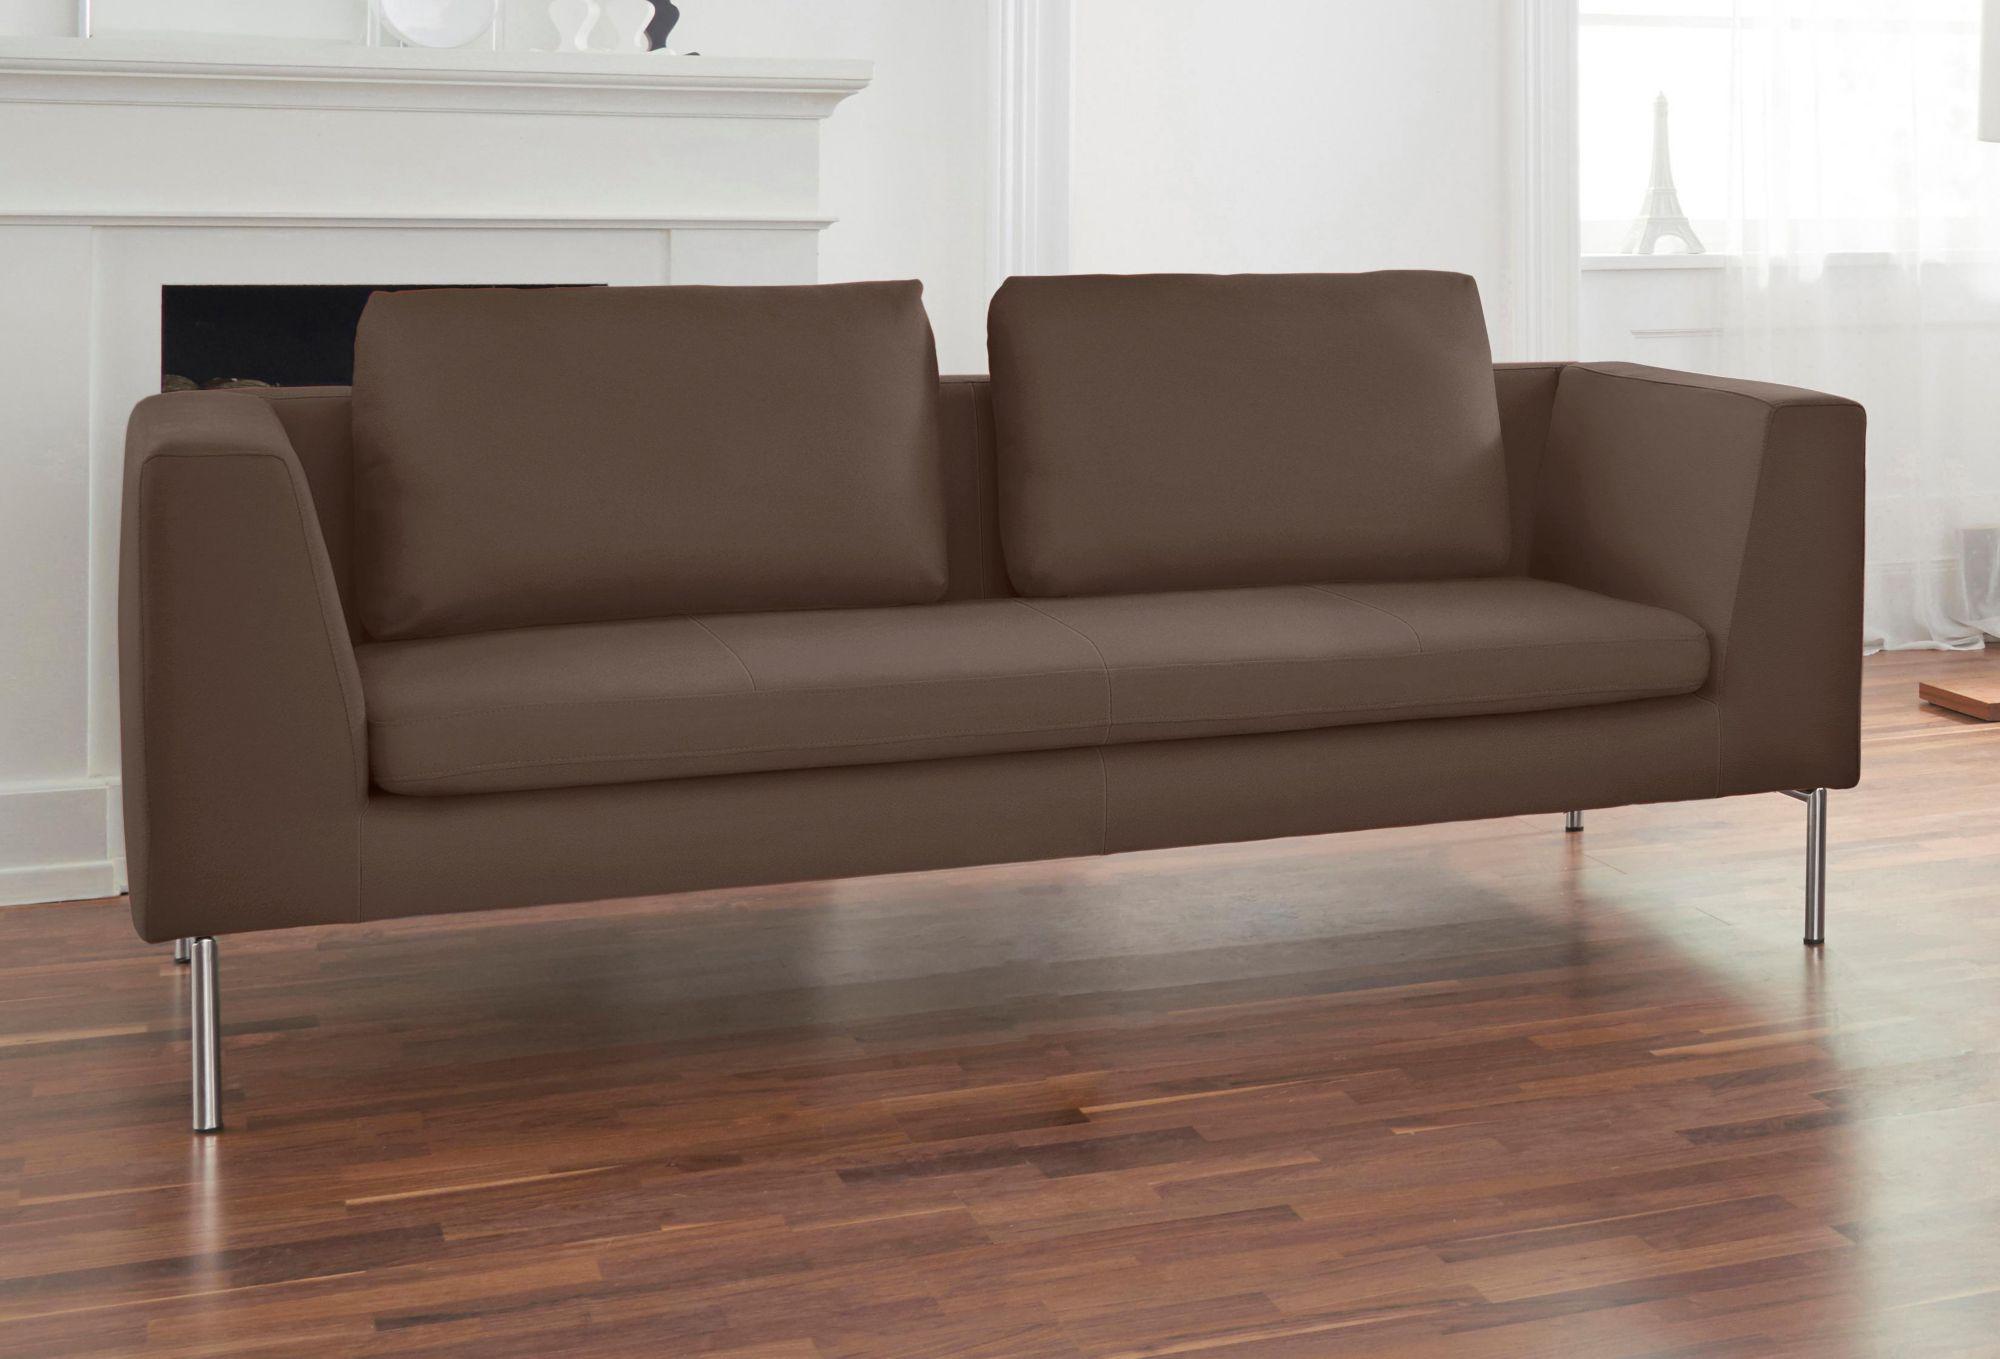 ALTE GERBEREI Alte Gerberei 2-Sitzer Sofa »Ellena« inklusive Rückenkissen